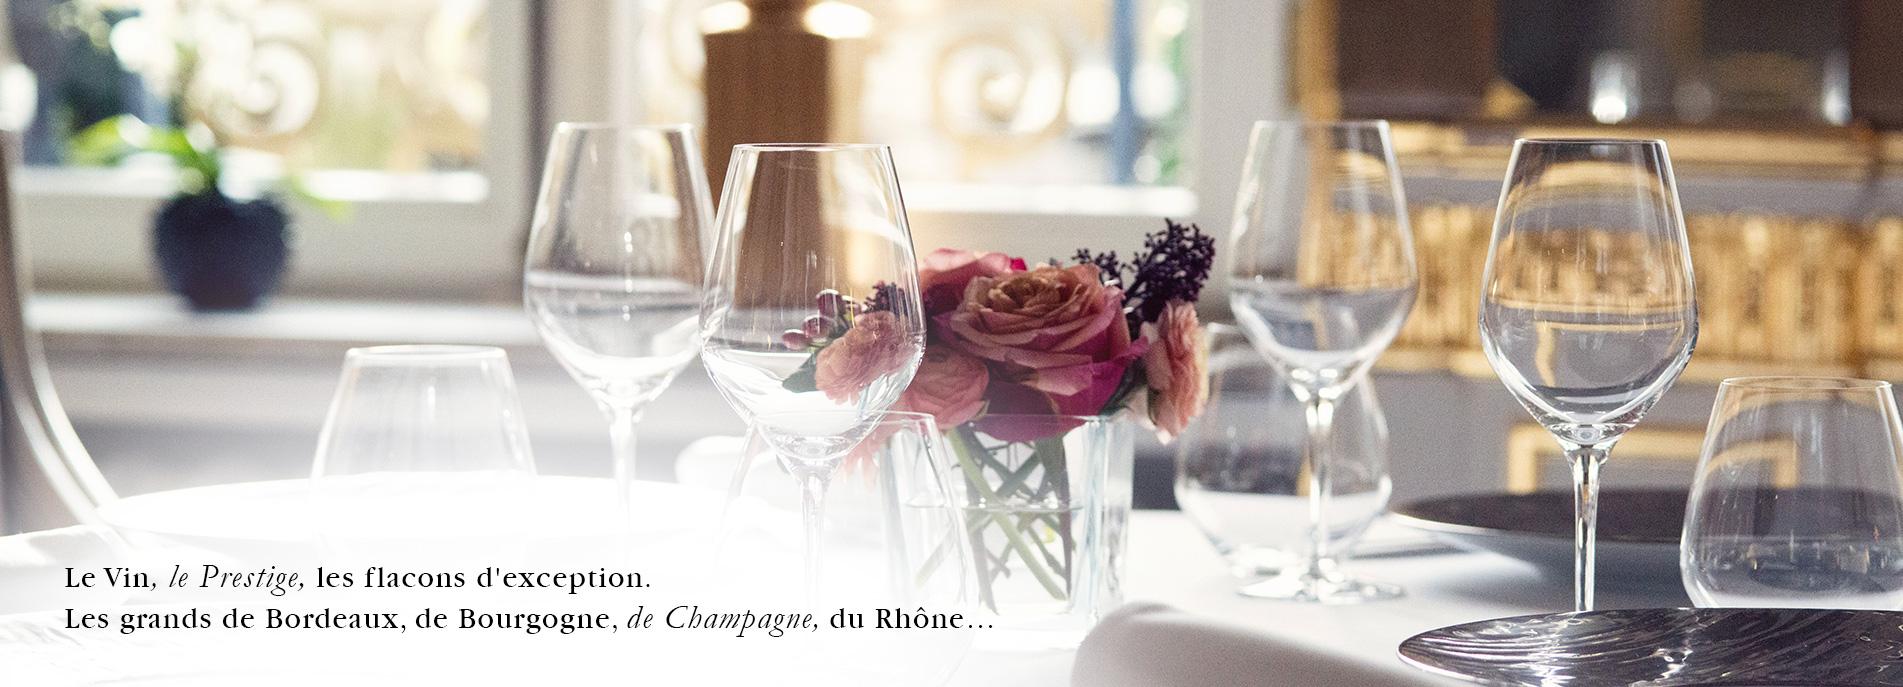 La_Cristallerie_L_Art_de_la_Table